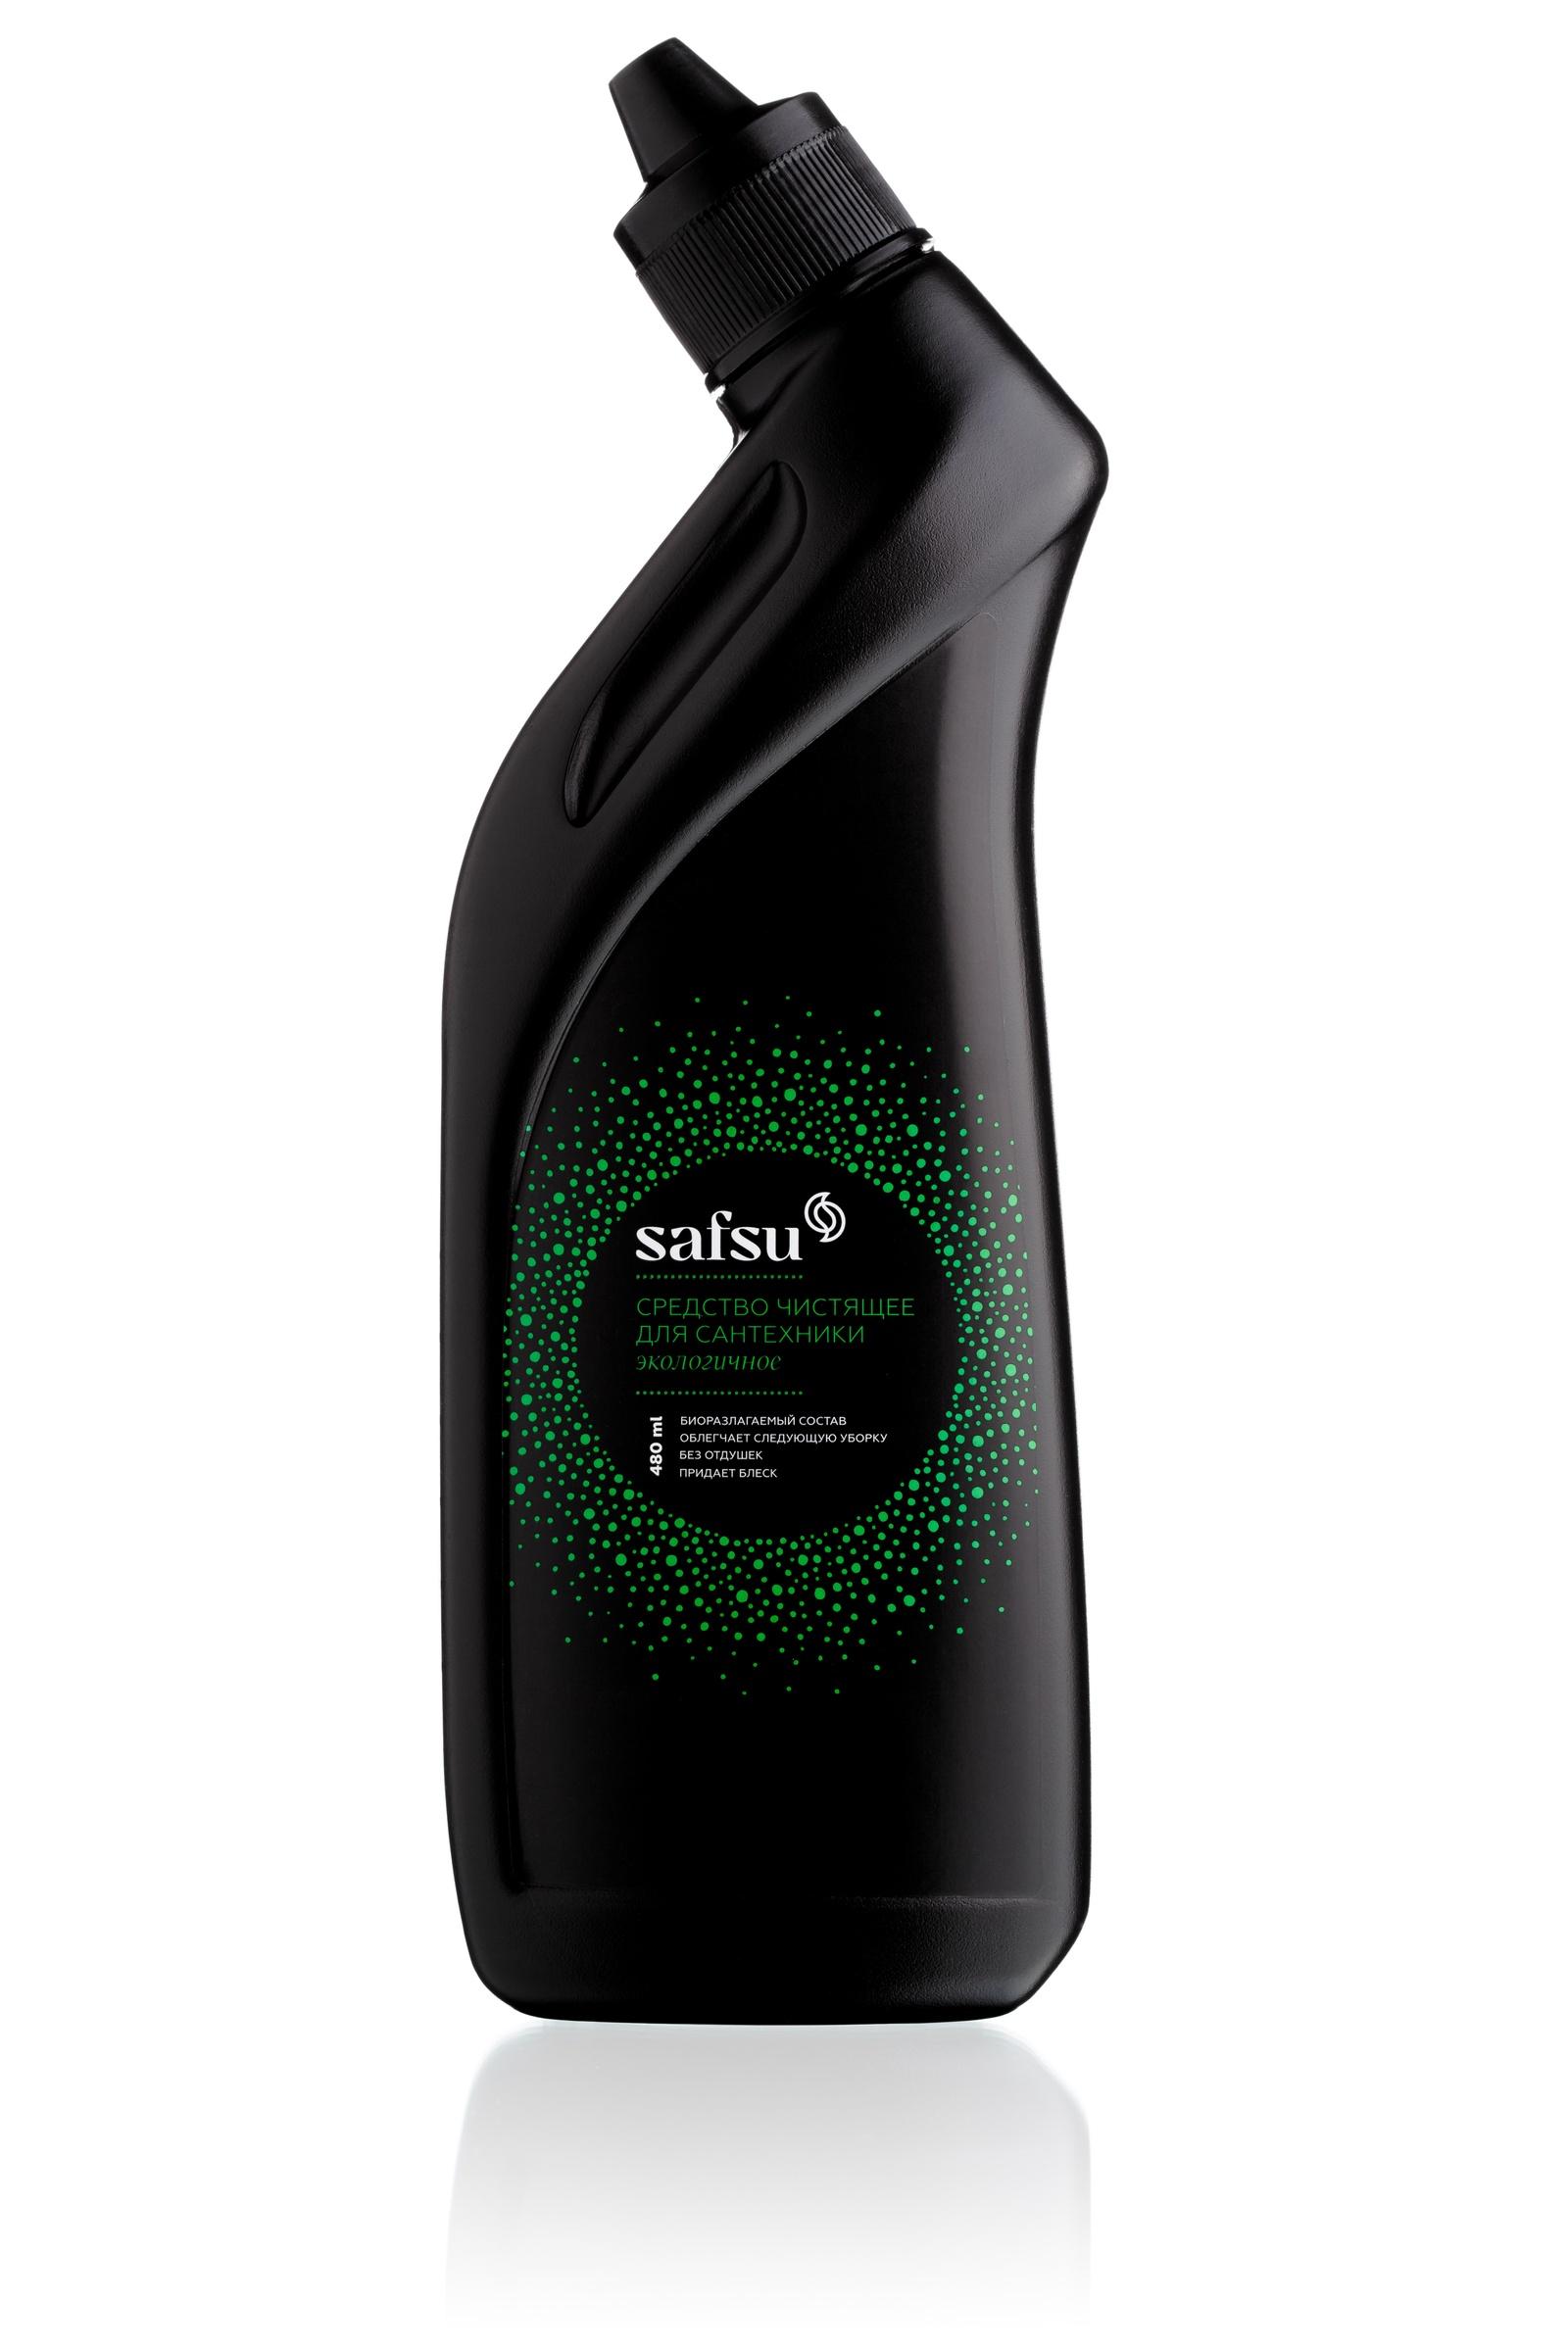 Универсальное чистящее средство safsu для сантехники 480 мл glorix чистящее средство для пола деликатные поверхности 1л